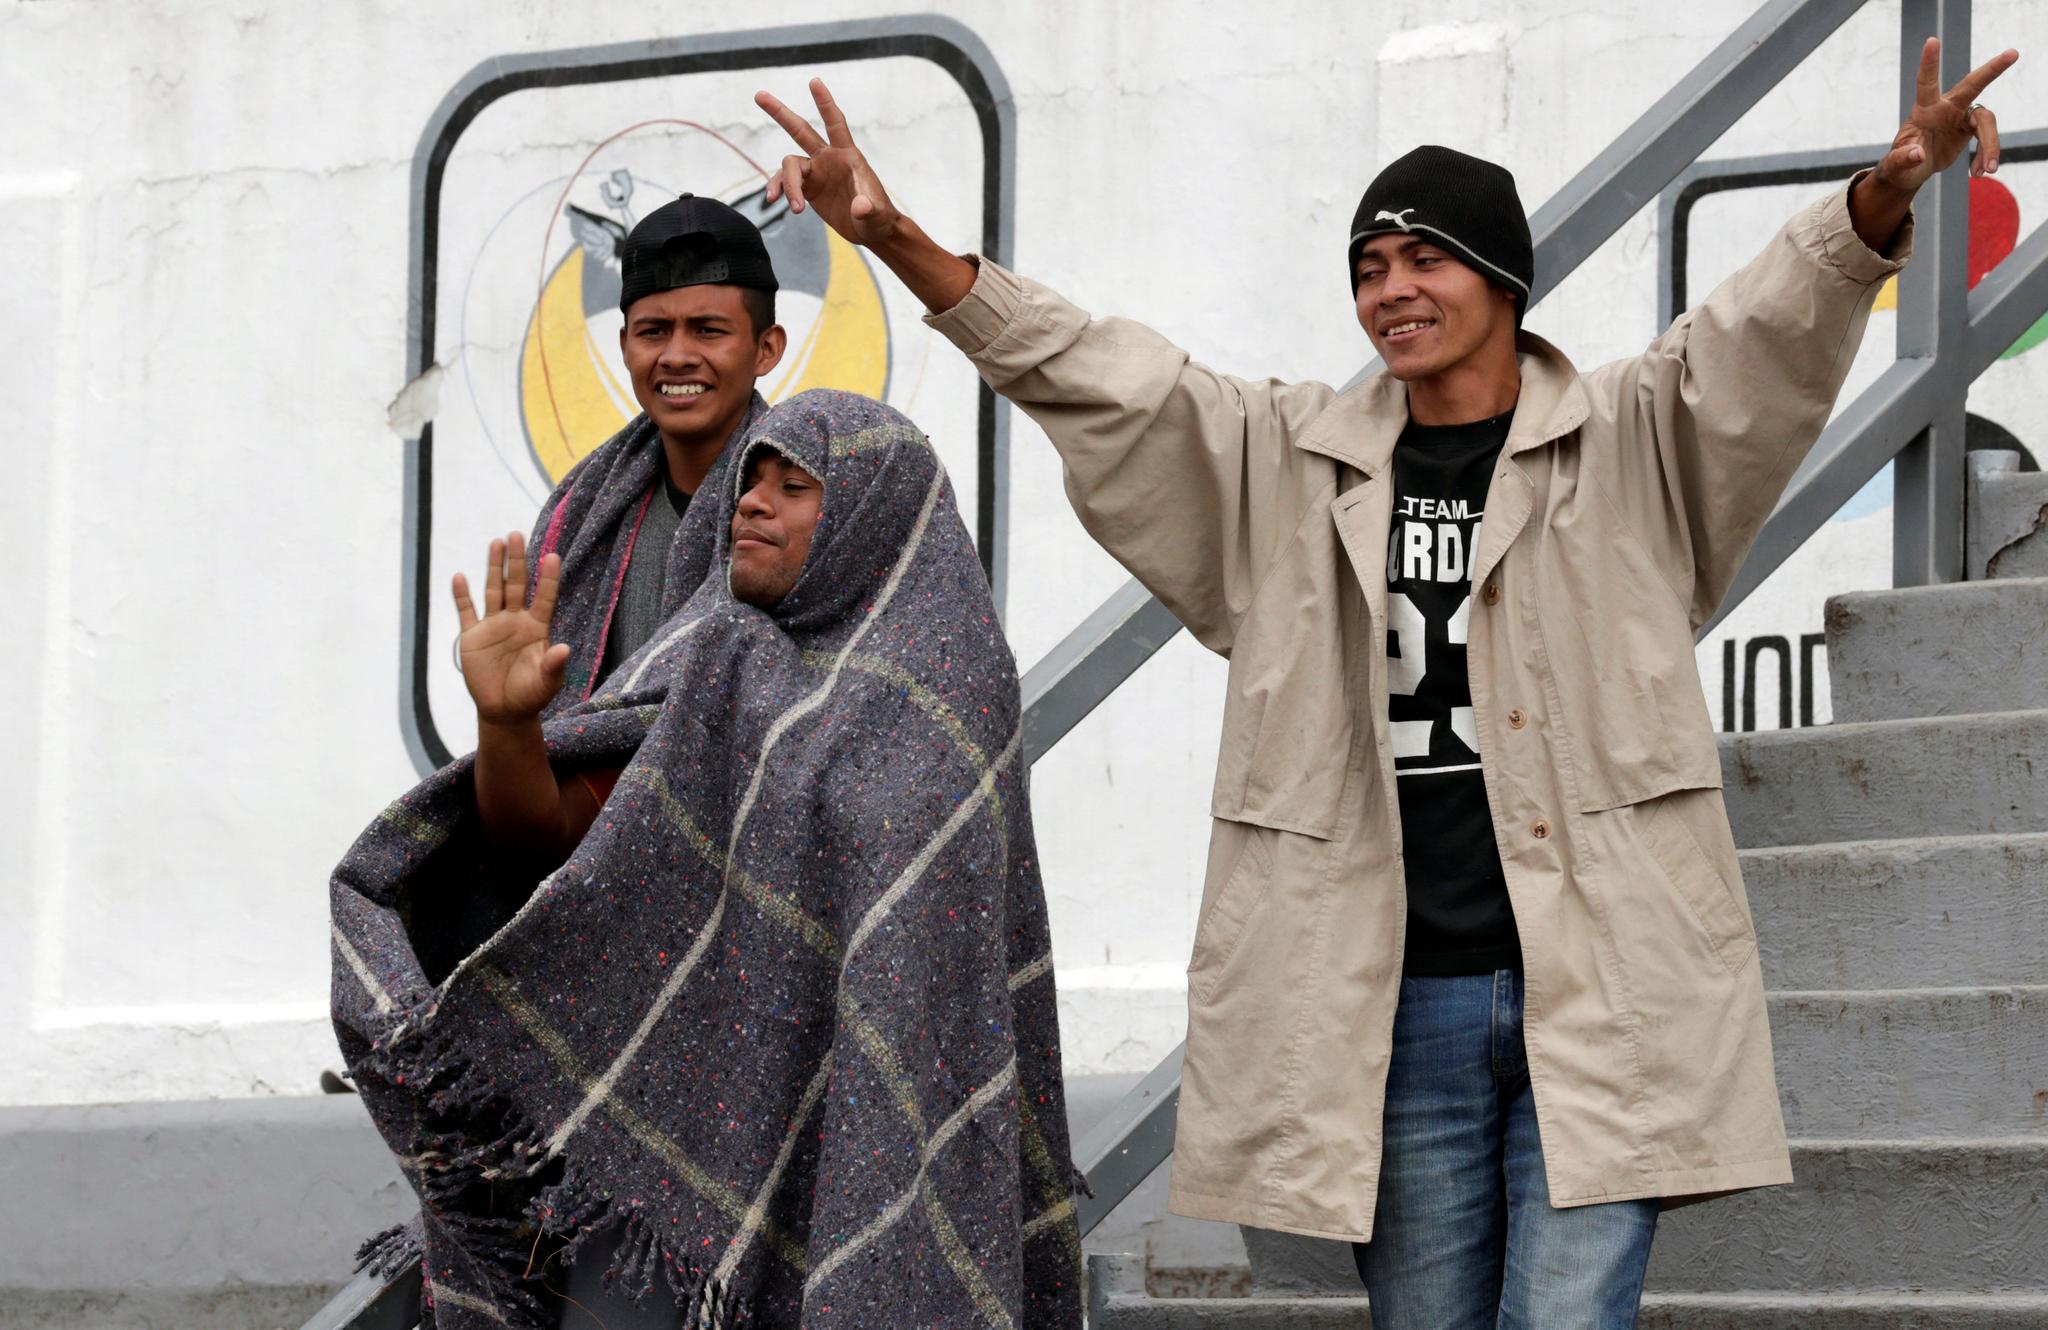 온두라스에서 온 이민자가 4일(현지시간) 멕시코 시티 헤수스 마르티네스 스타디움 임시보호소에 도착해 기뻐하고 있다. [로이터=연합뉴스]